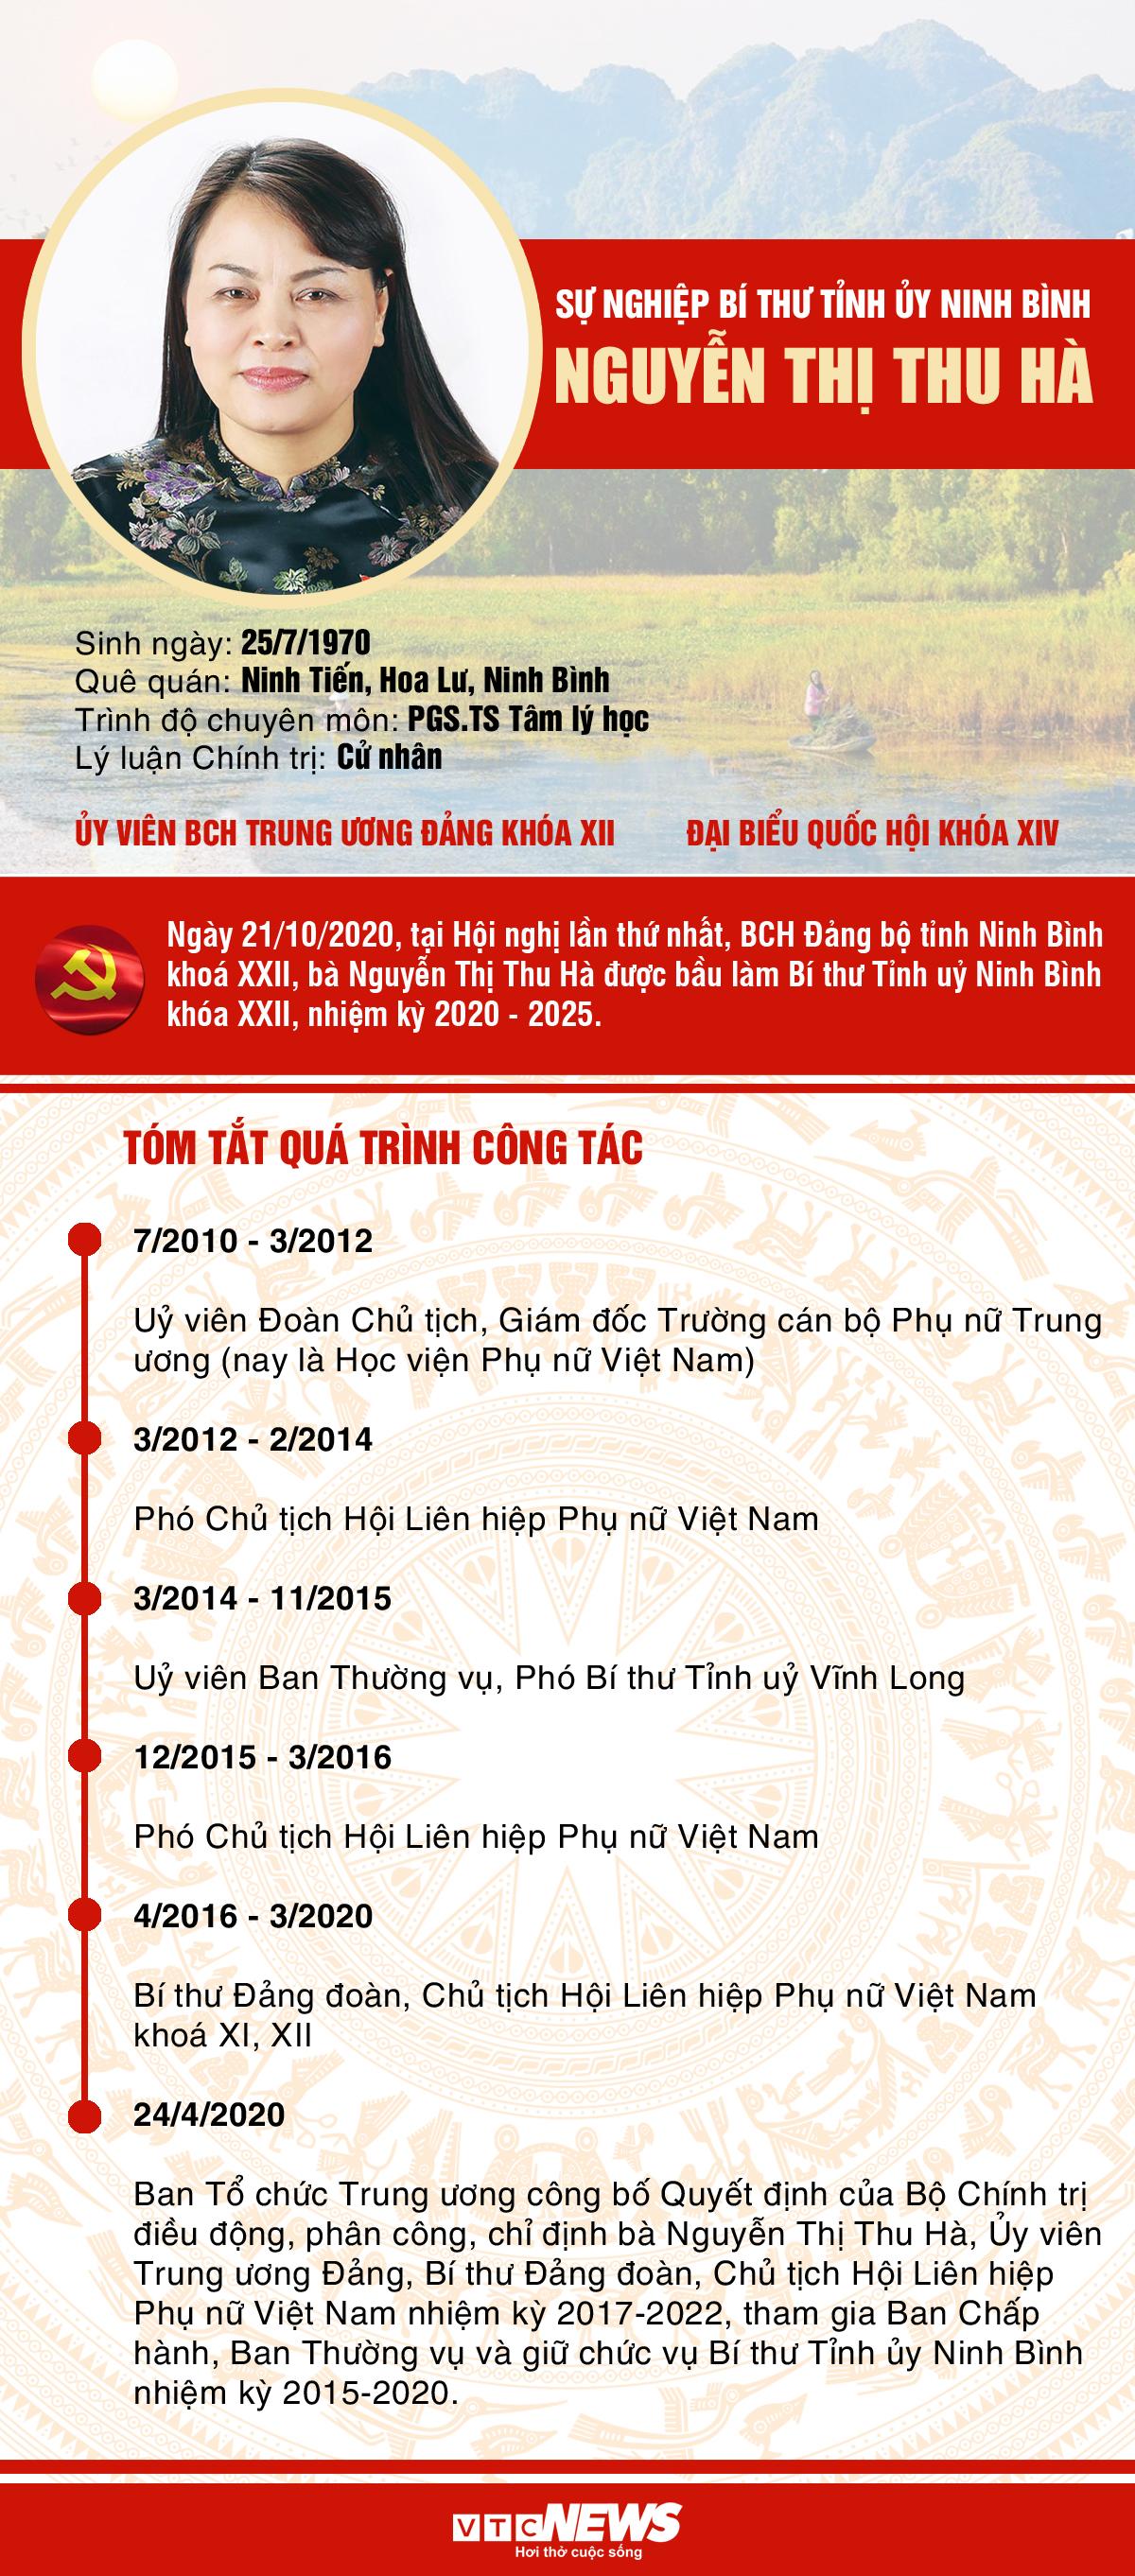 Infographic: Sự nghiệp Bí thư Tỉnh ủy Ninh Bình Nguyễn Thị Thu Hà - 1